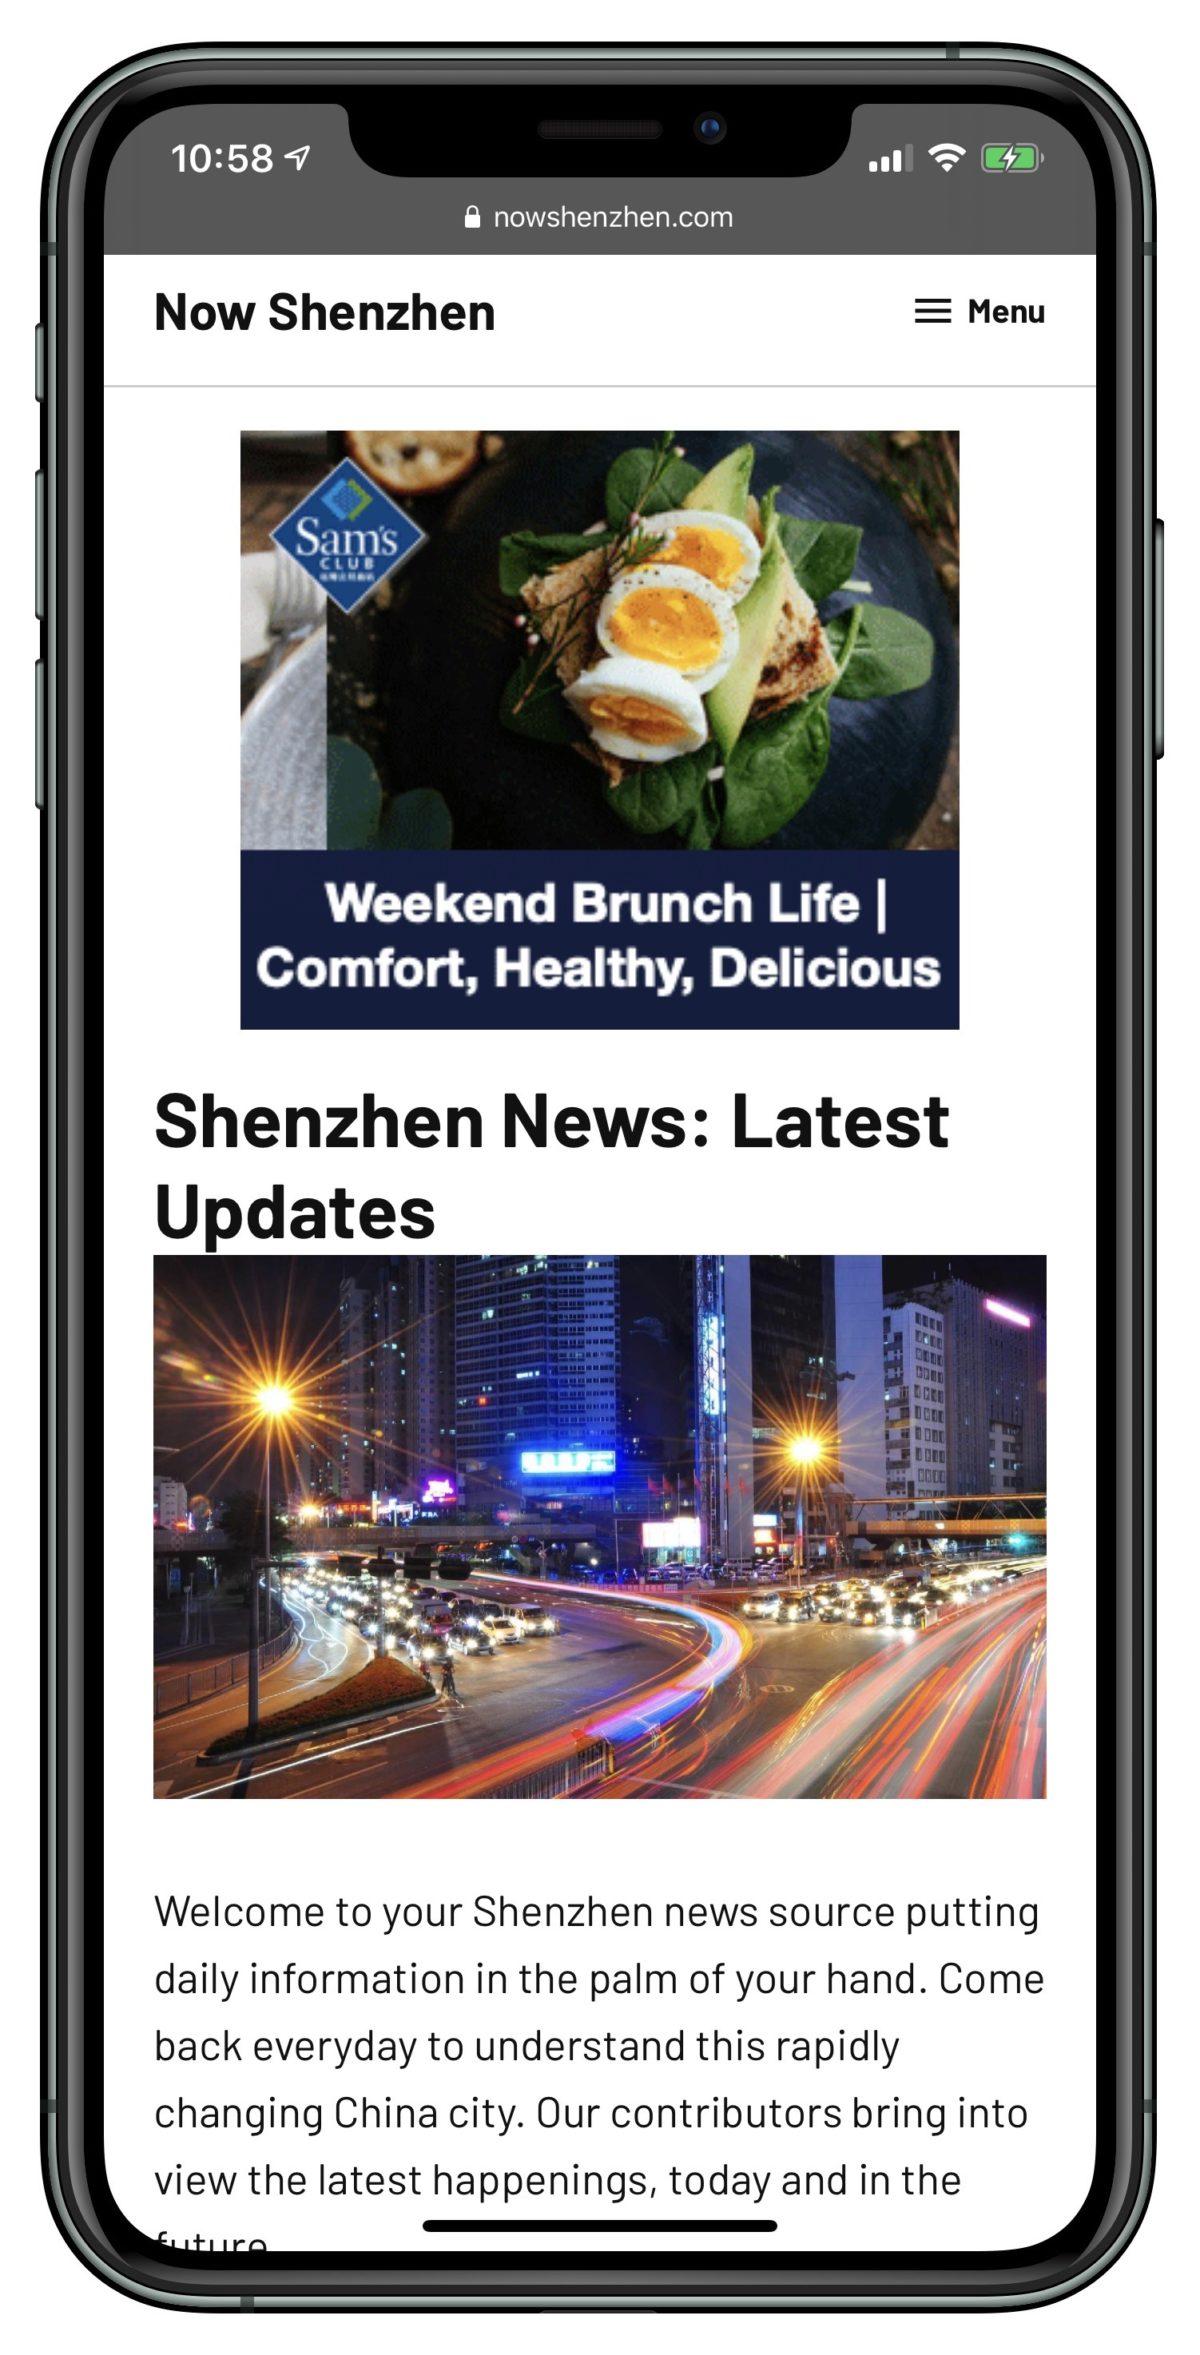 NowShenzhen.com